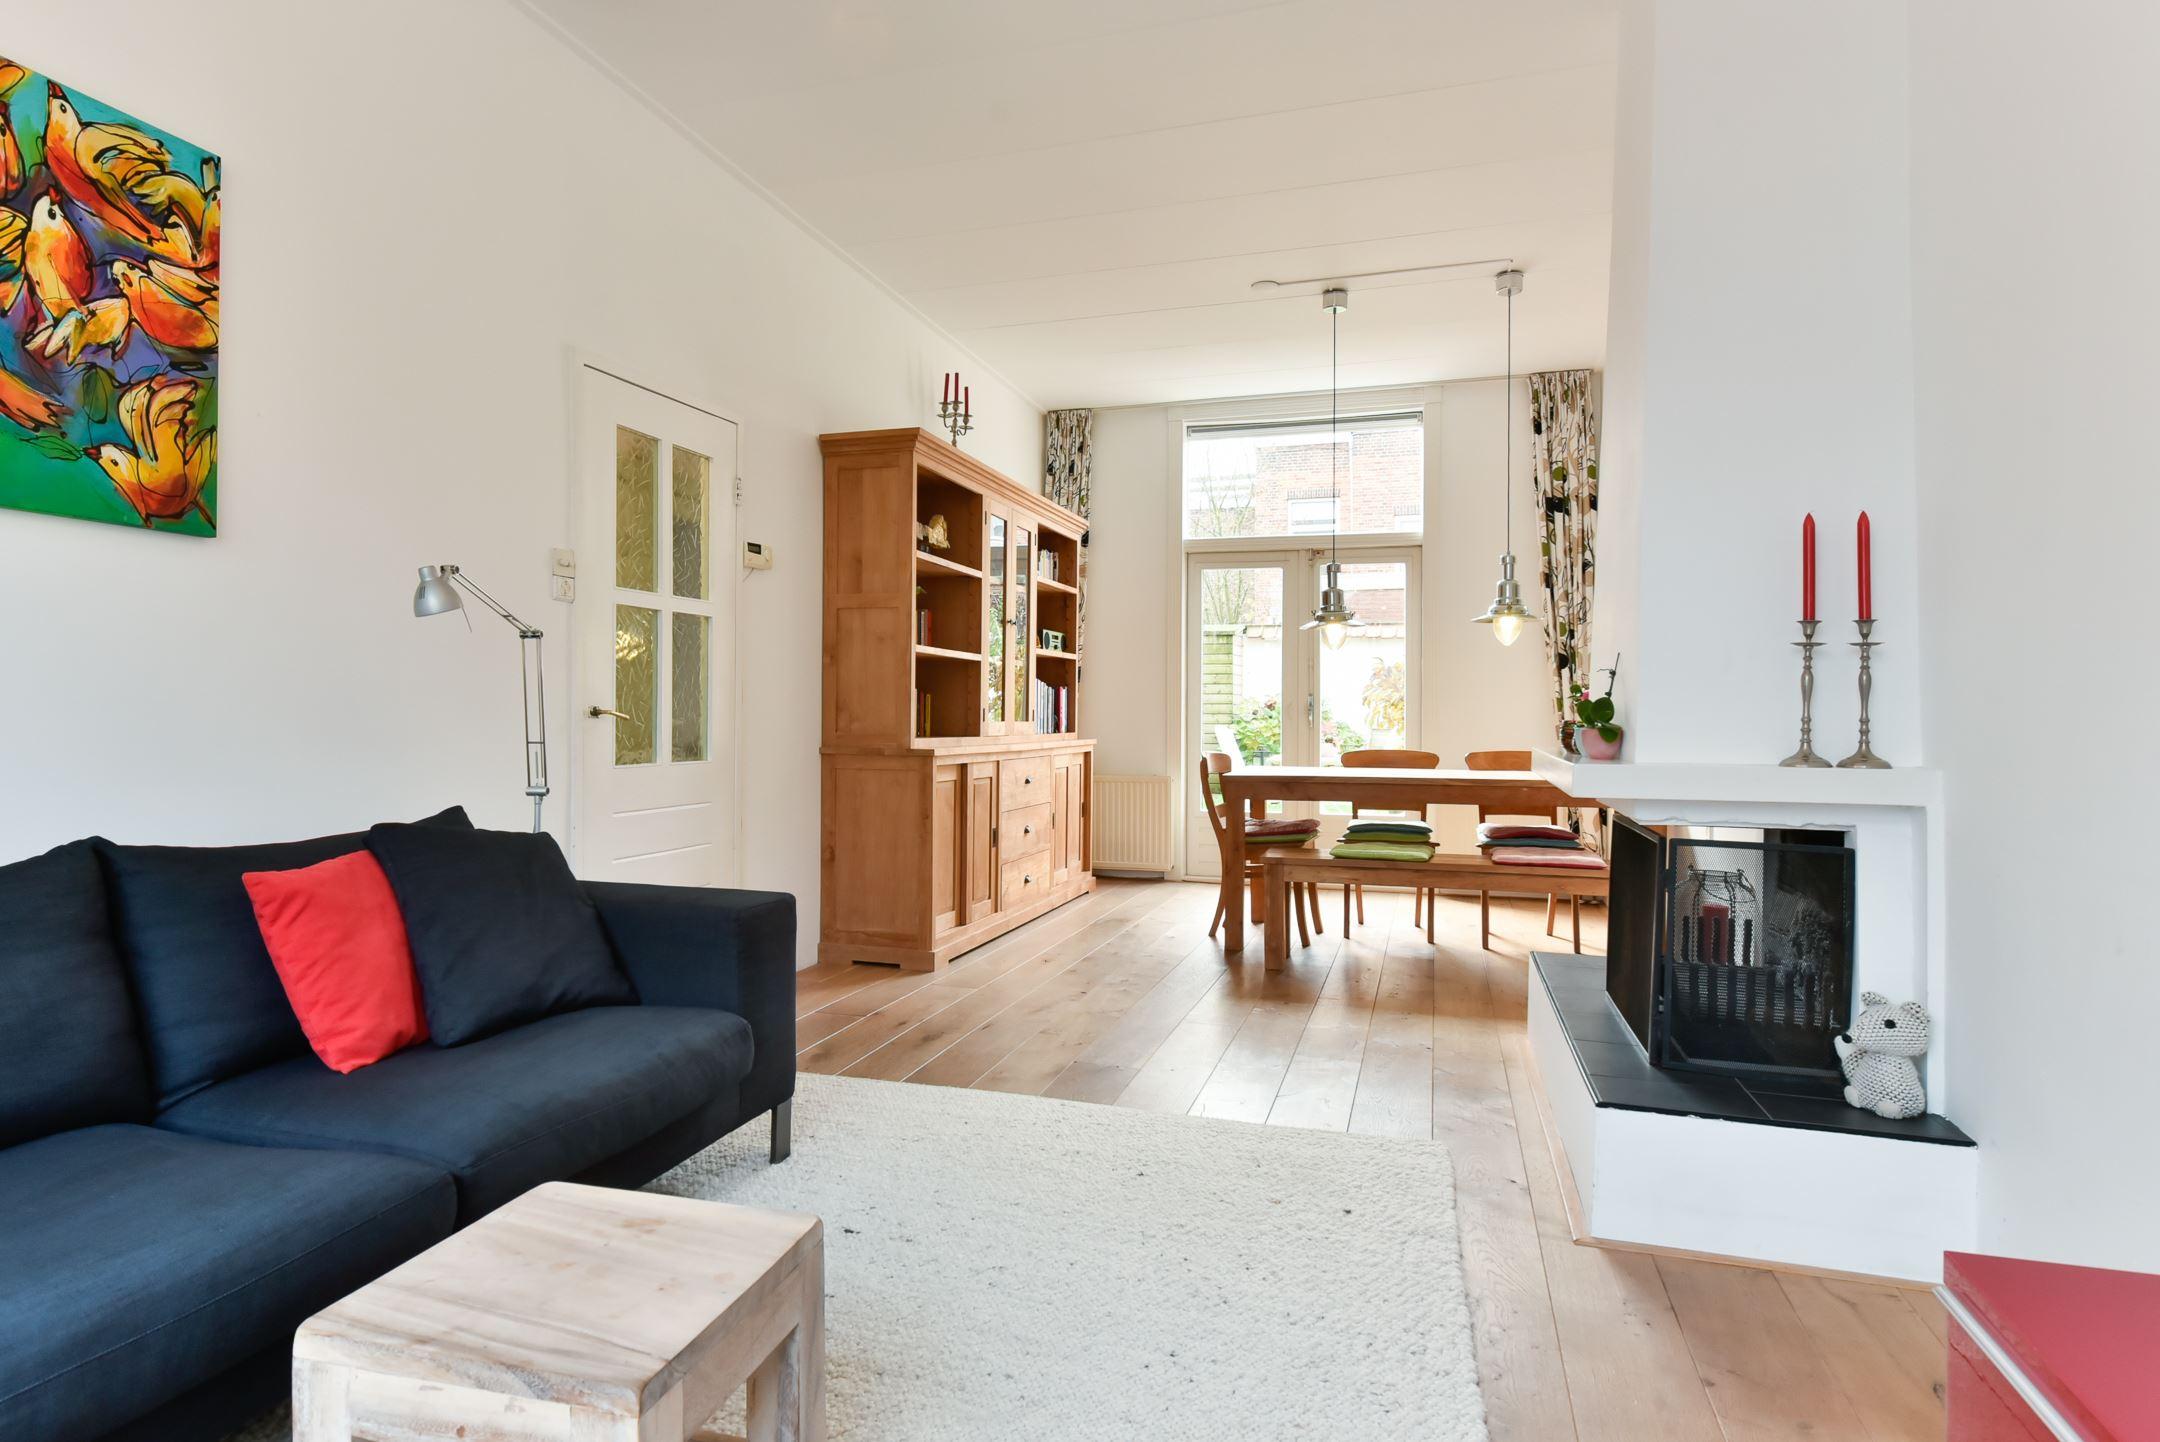 Huis te koop da costakade 22 3521 vv utrecht funda - Huis vv ...